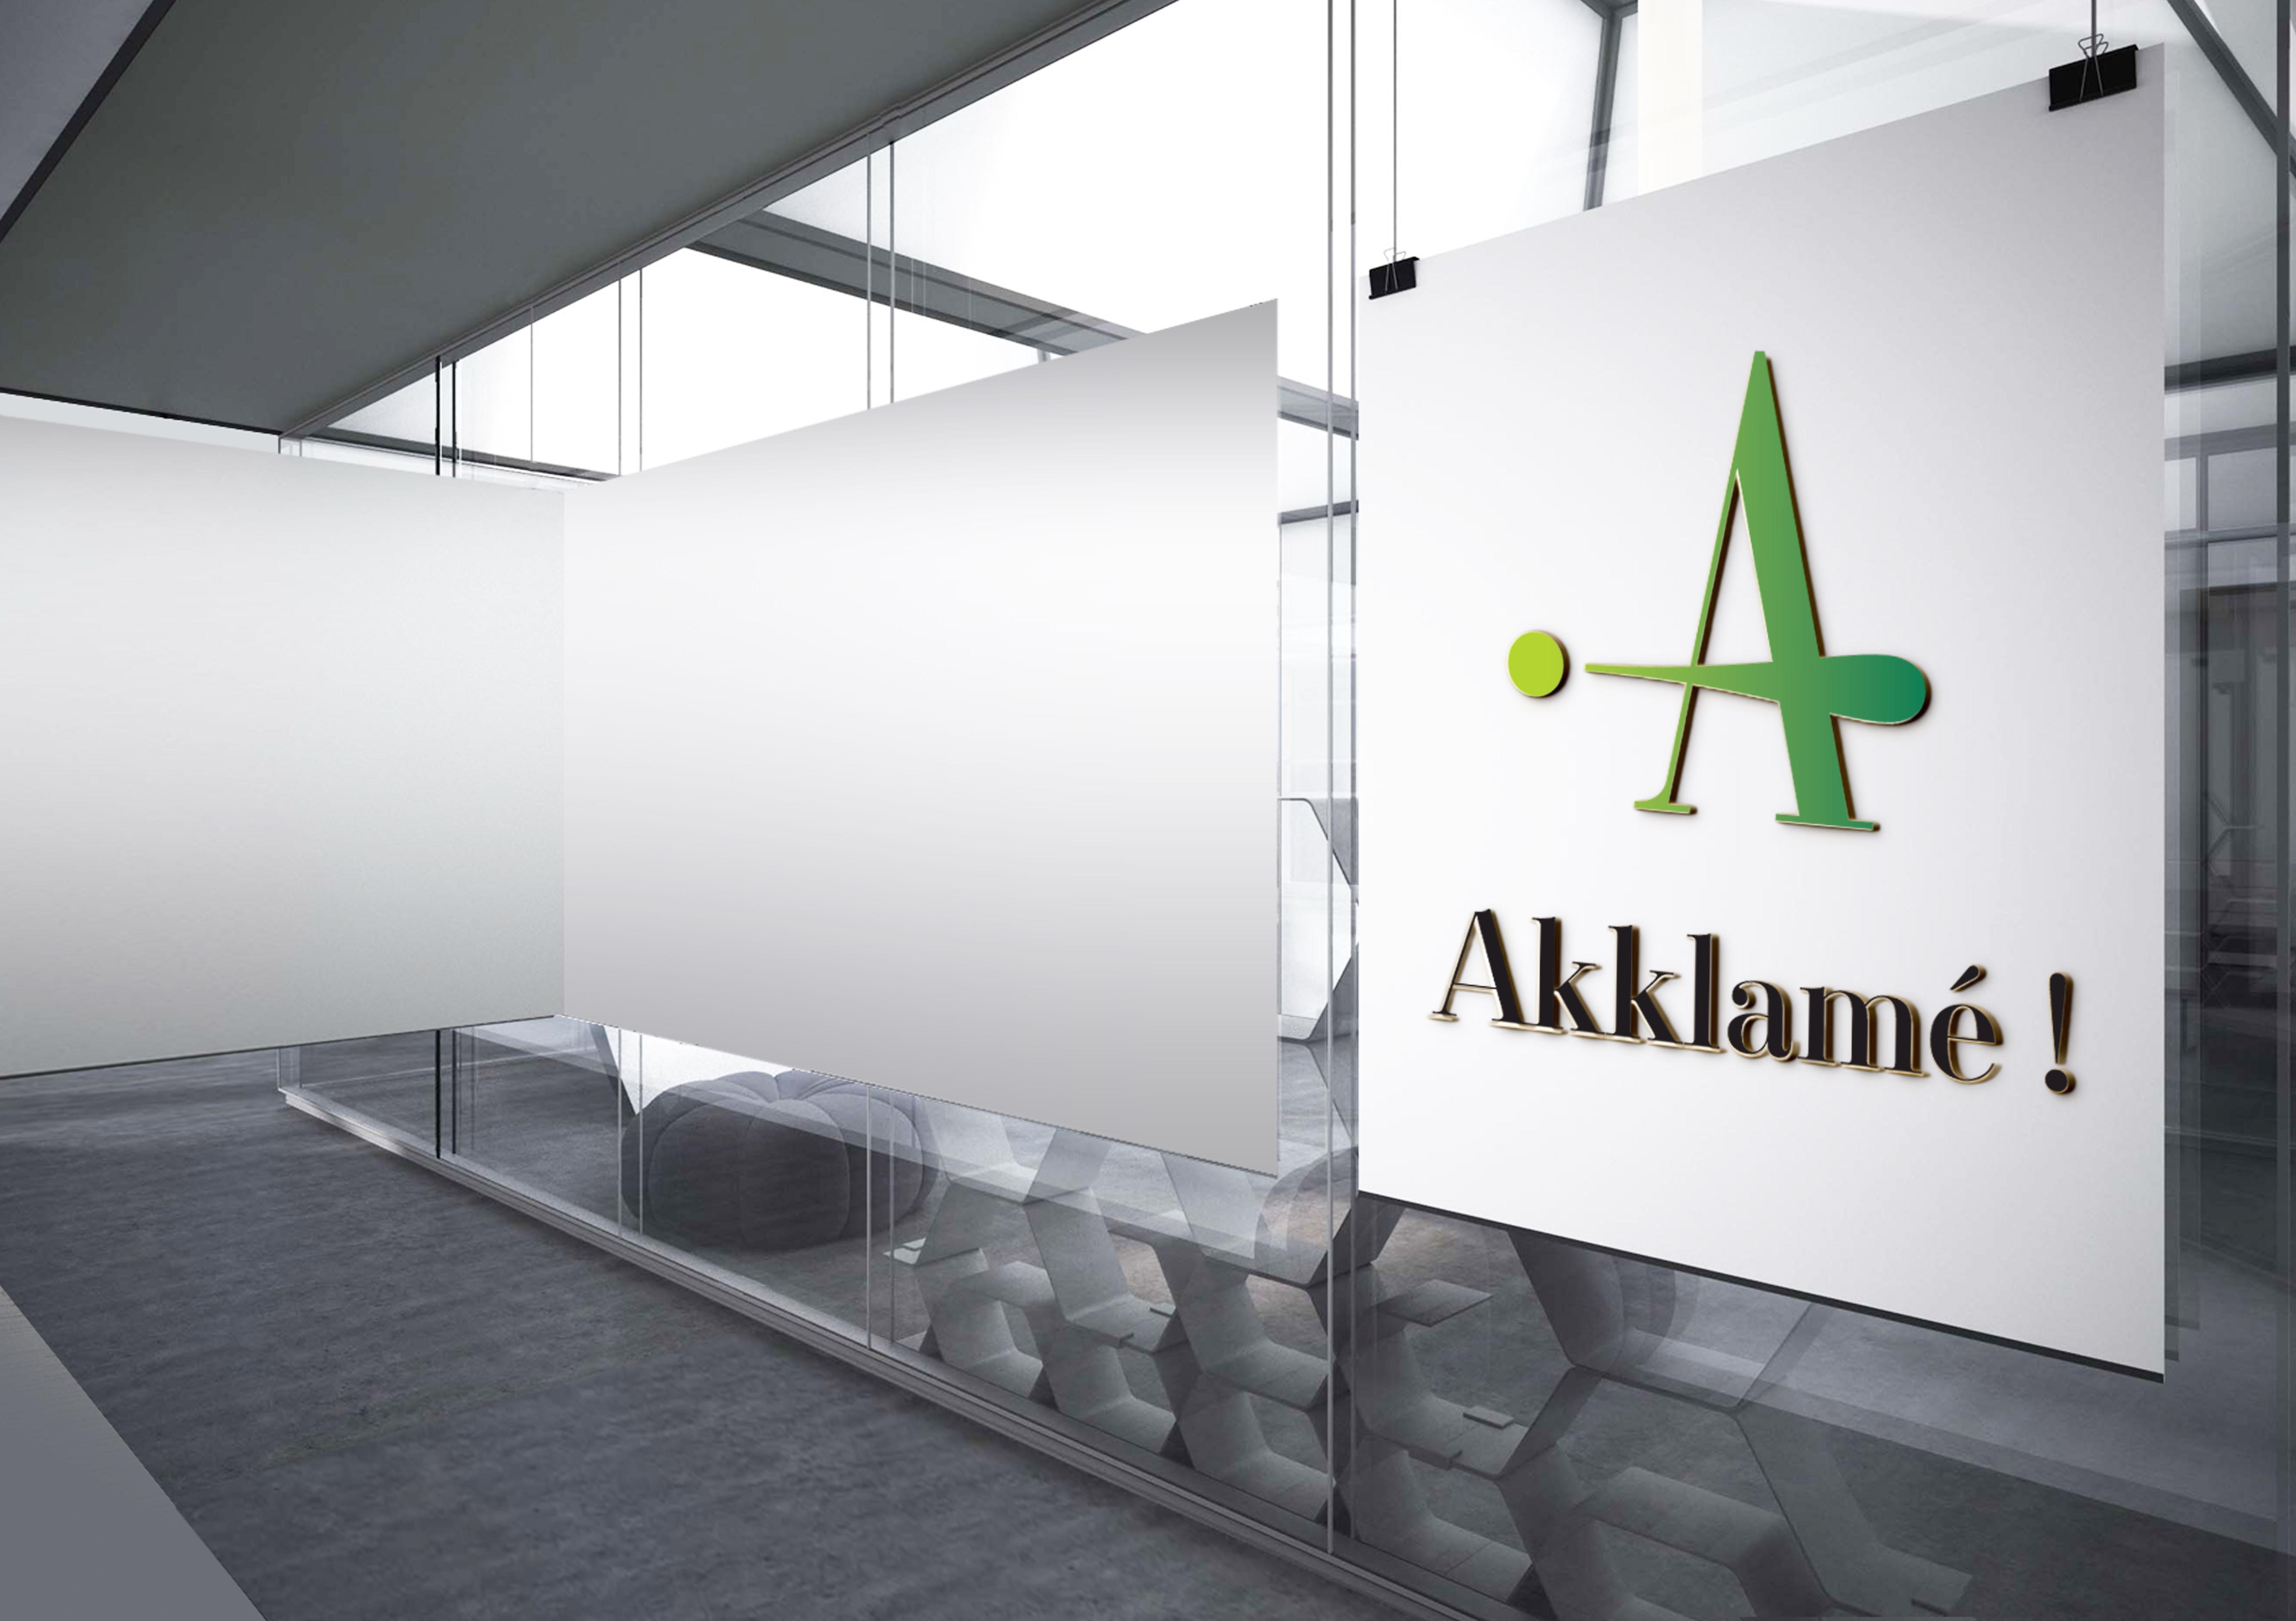 Akklamé ! : Corporate logo for photo background